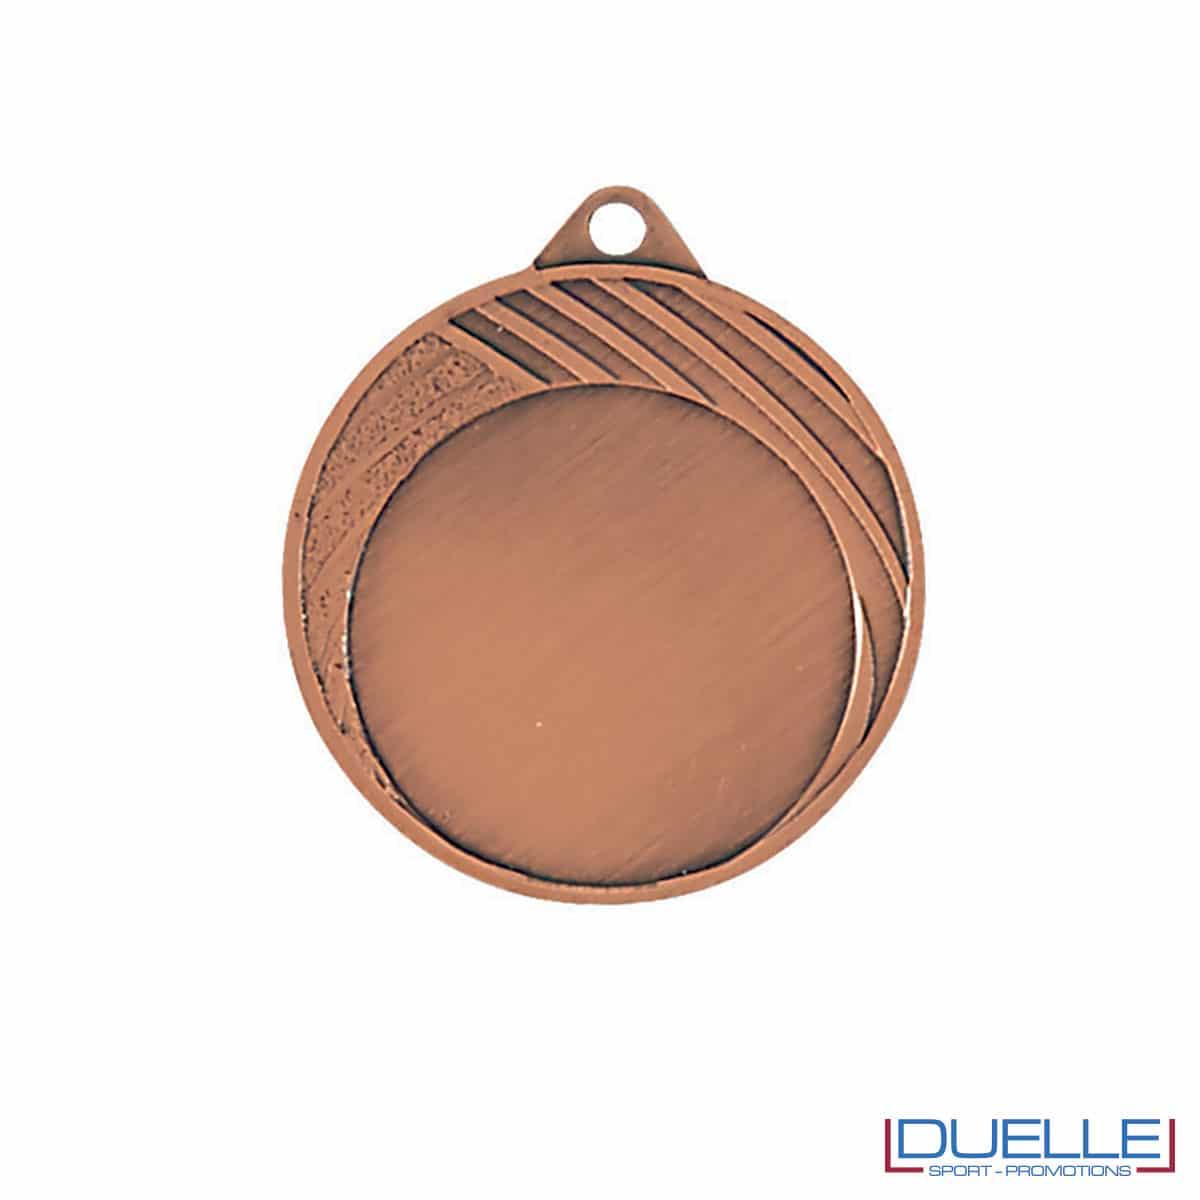 Medaglia con righe premiazioni sportive bronzo 32 mm personalizzabile